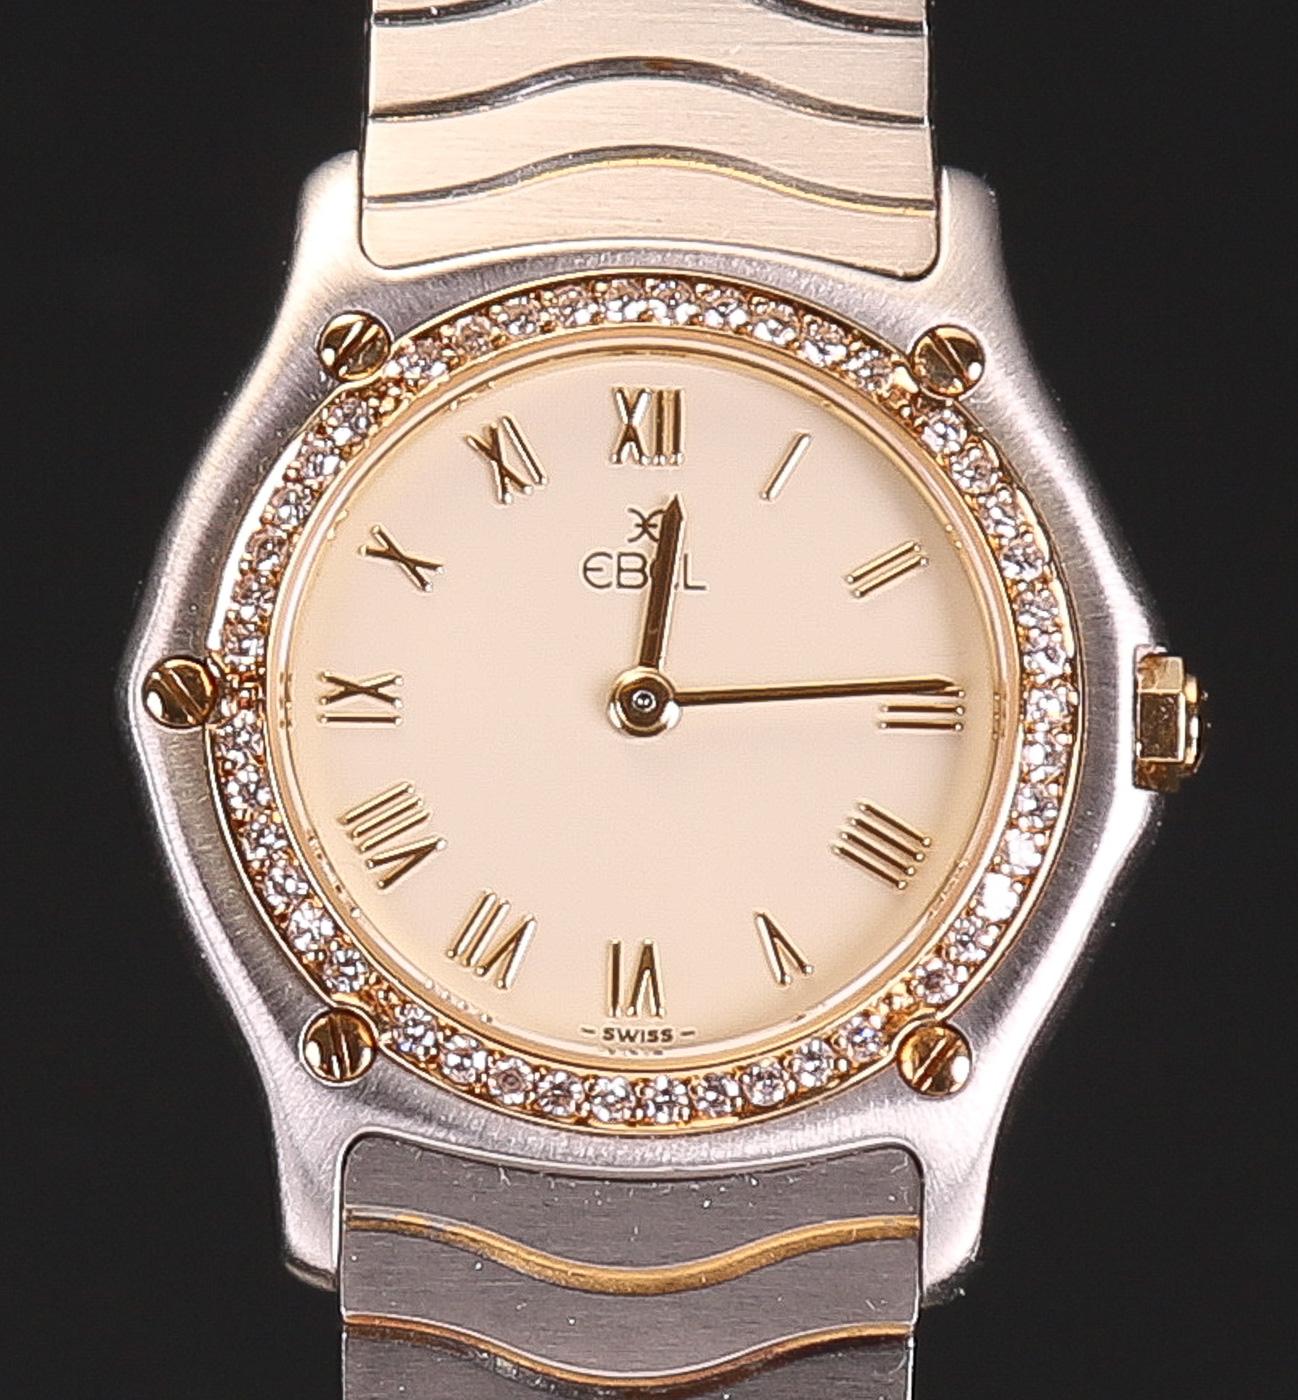 Ebel damearmbåndsur af guld 18 kt. og stål med diamanter - Ebel damearmbåndsur af guld 18 kt. og stål med quartz urværk. Urskive mrk. Ebel med timeindikationer i form af romertal. Krans originalt monteret med 39 diamanter i VVS1 kvalitet. Bagkasse mærket med nummer 12665353, 181930X. Integreret lænke af...